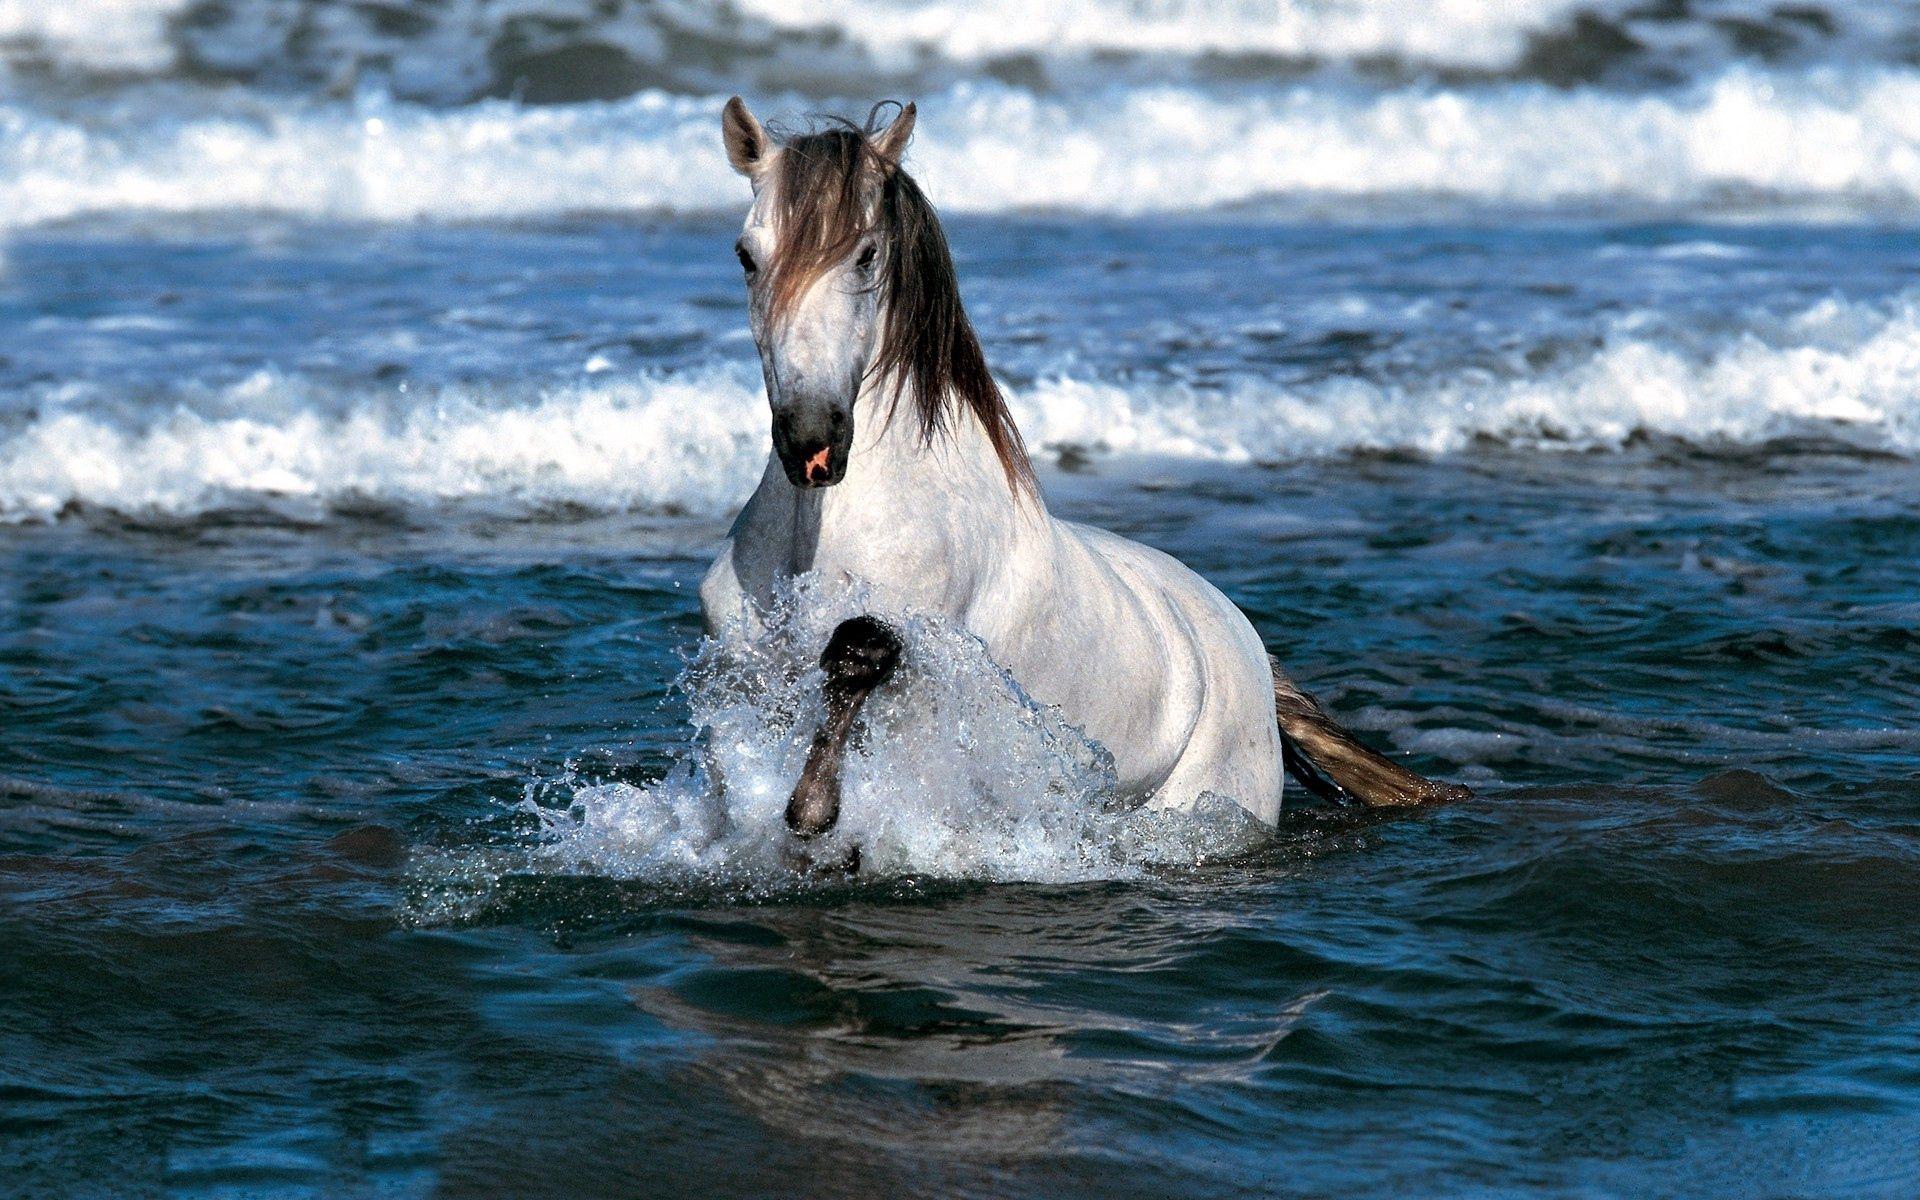 Популярные картинки Лошадь в HD качестве